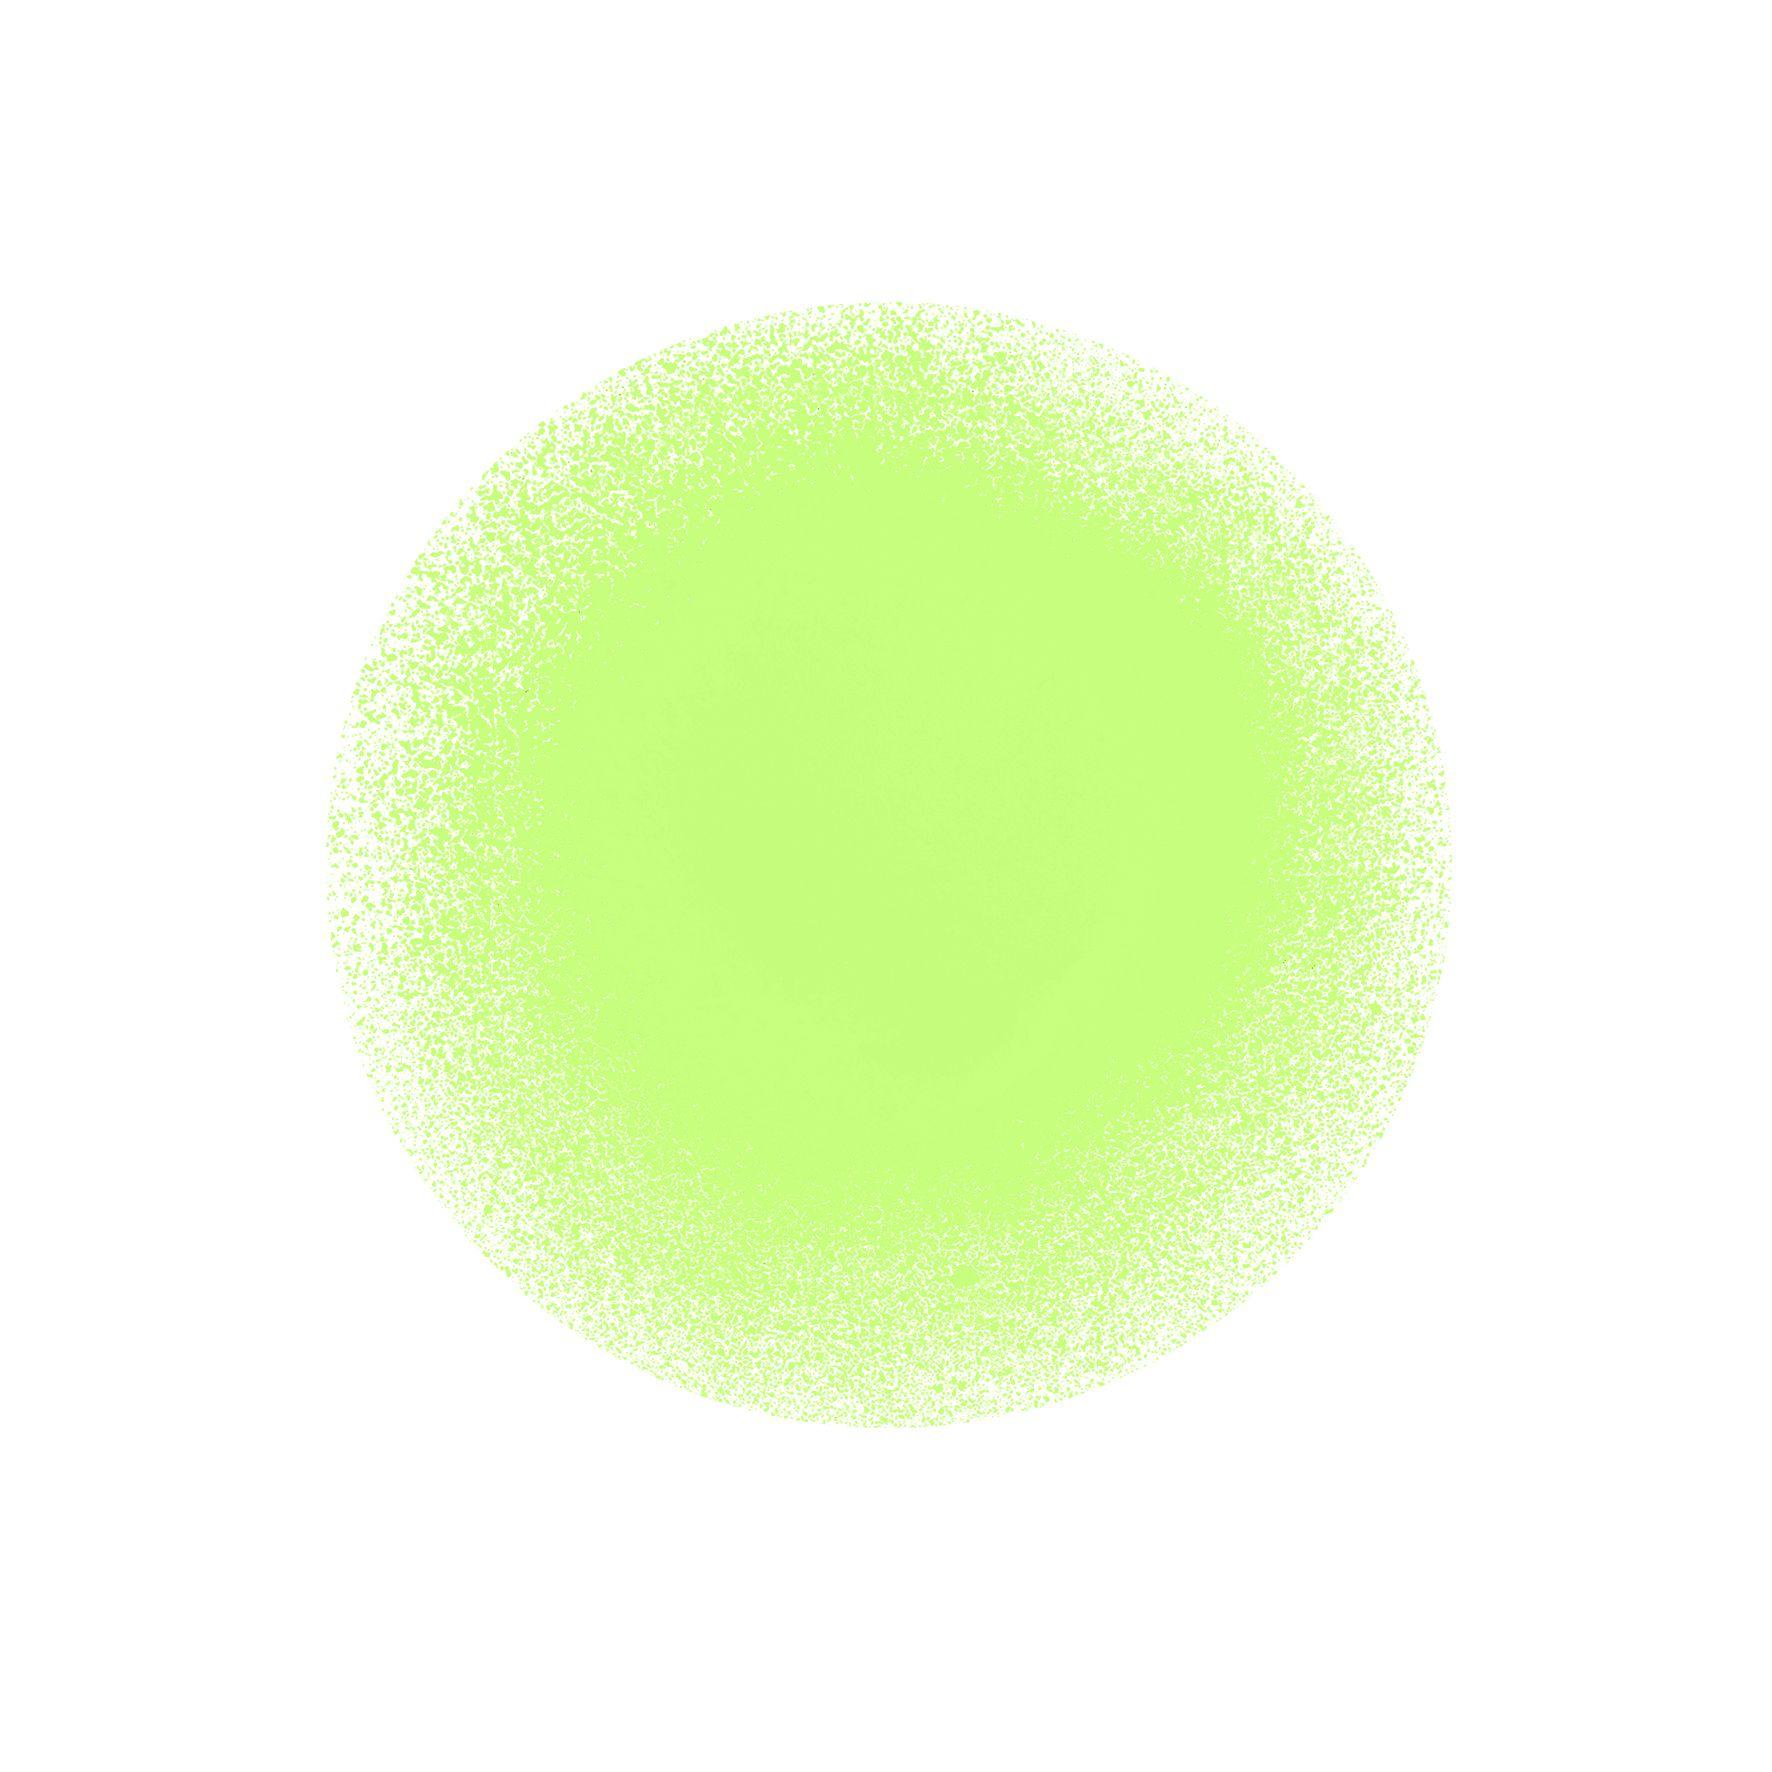 ENCRE IZINK AUX REFLETS NACRES - Vert Anis